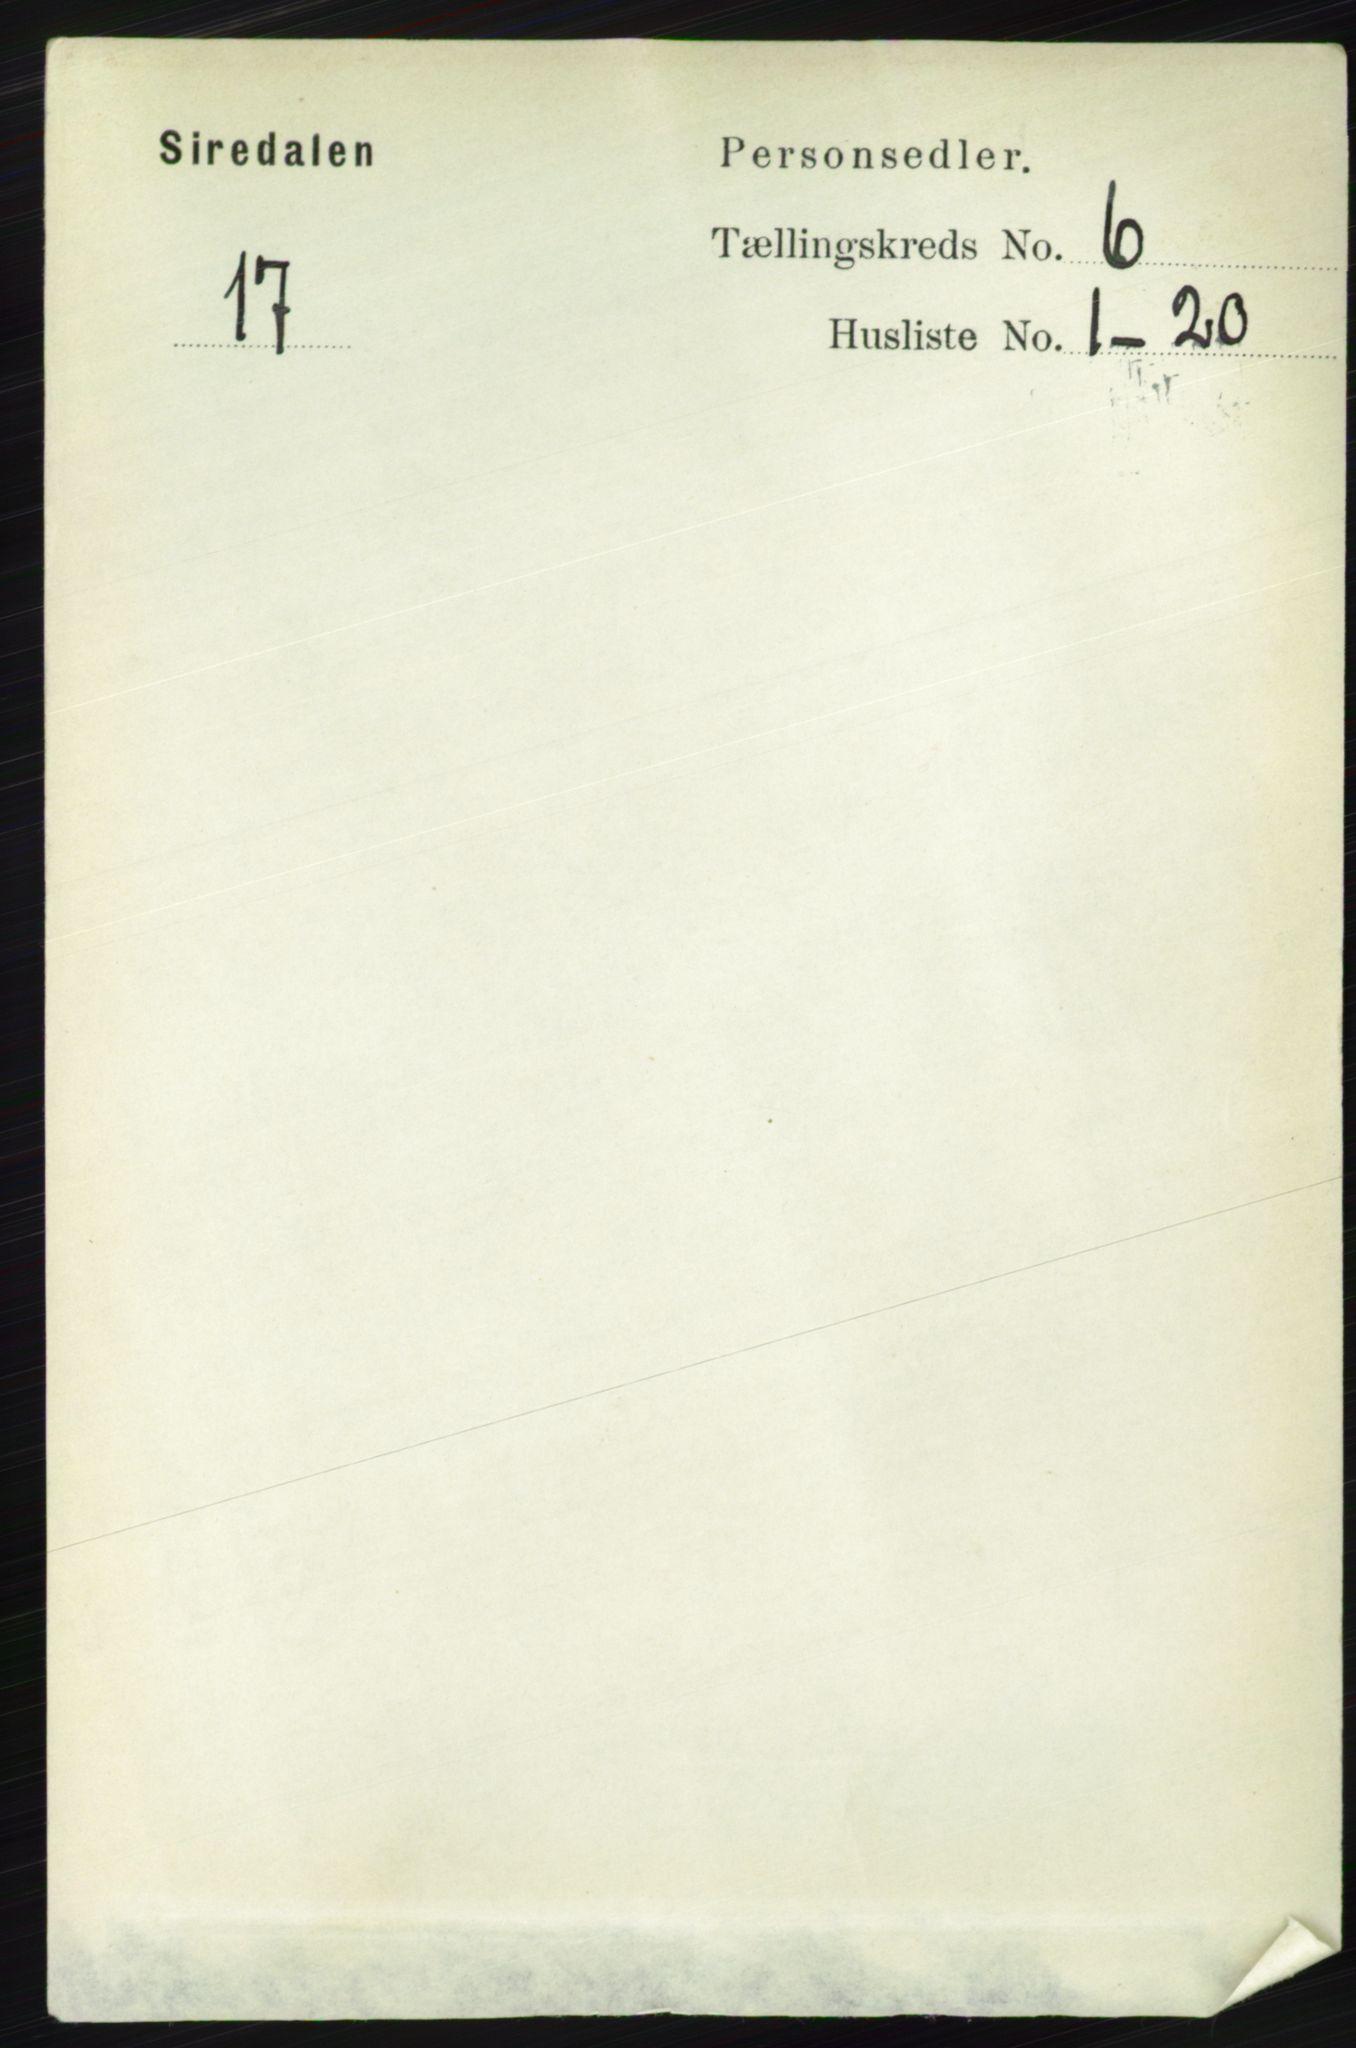 RA, Folketelling 1891 for 1046 Sirdal herred, 1891, s. 1633